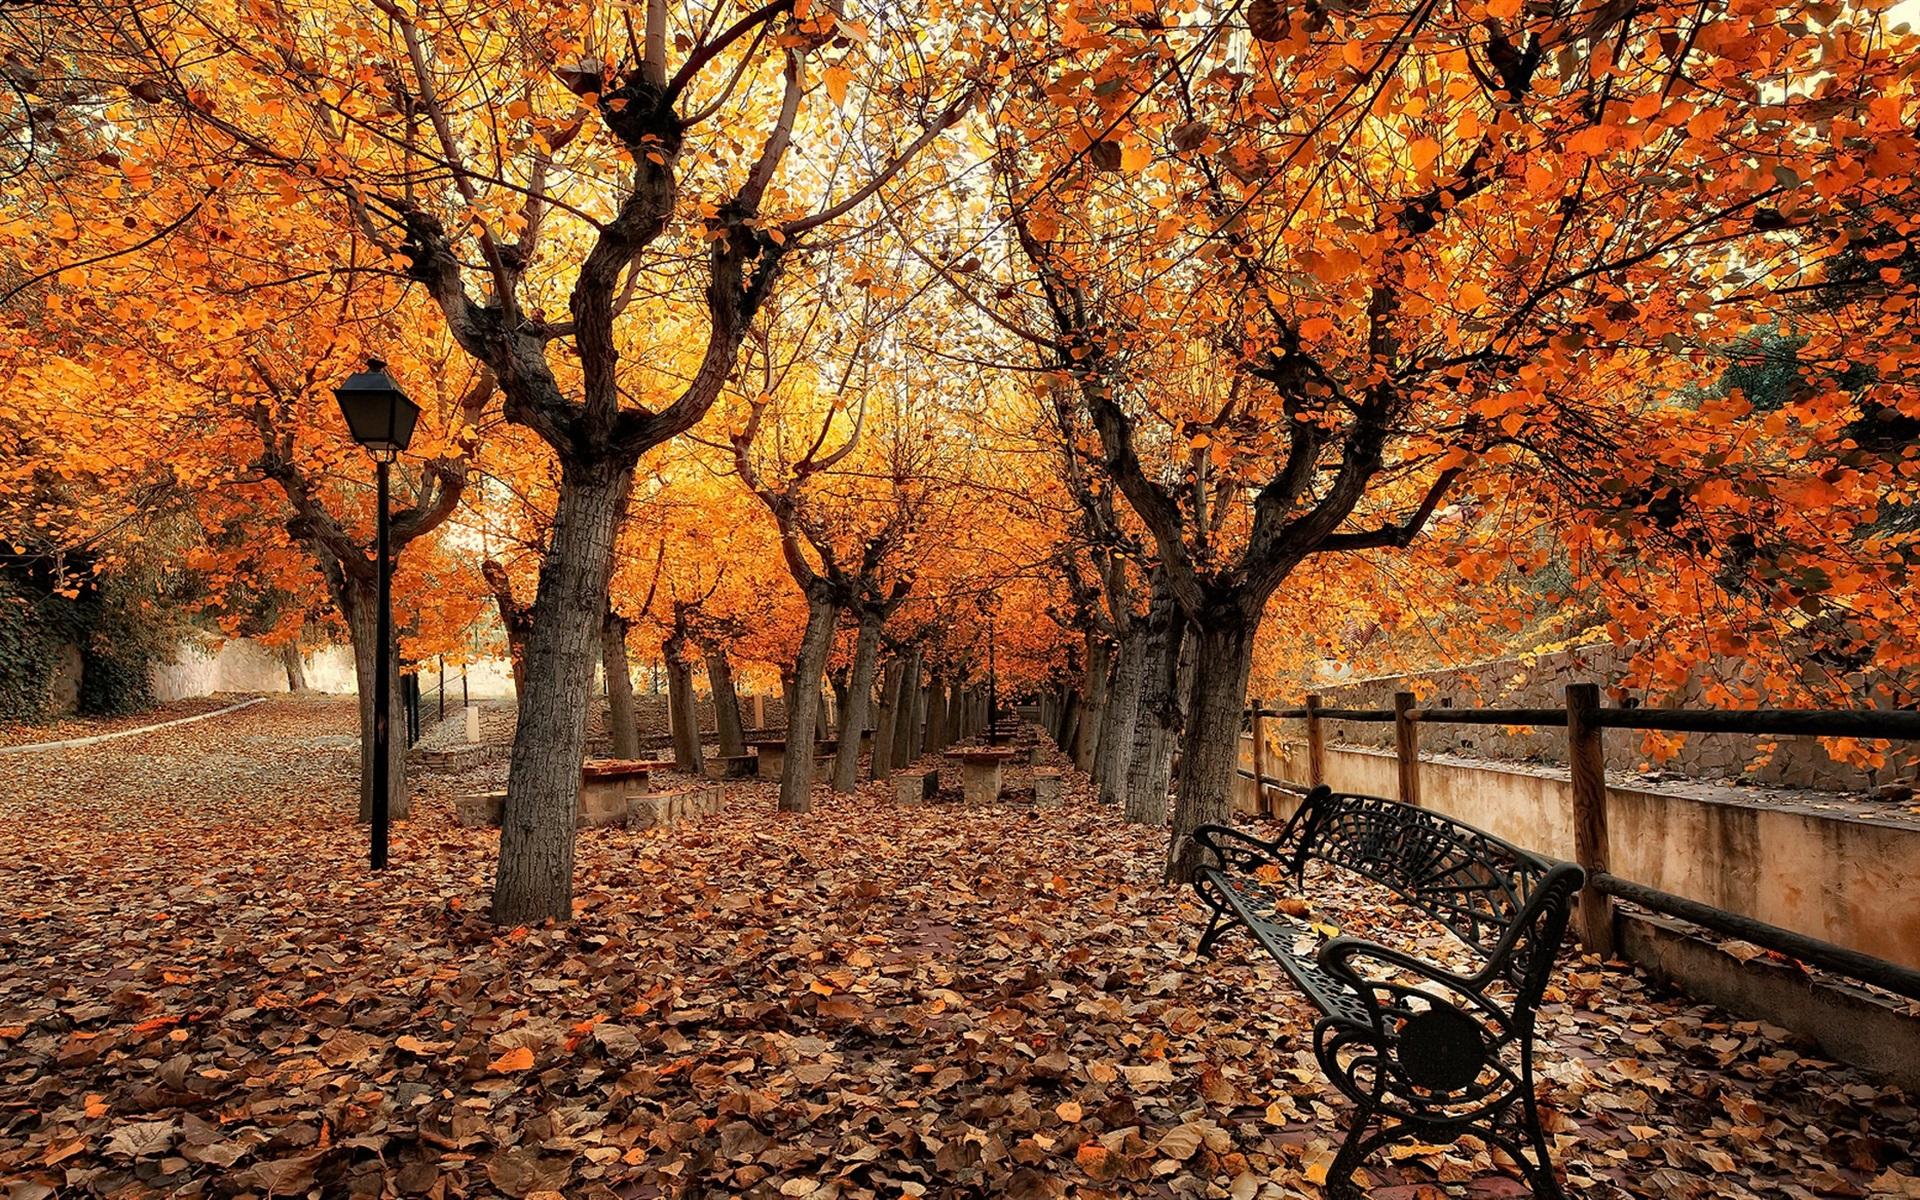 herbst park bäume blätter bank 1920x1200 hd